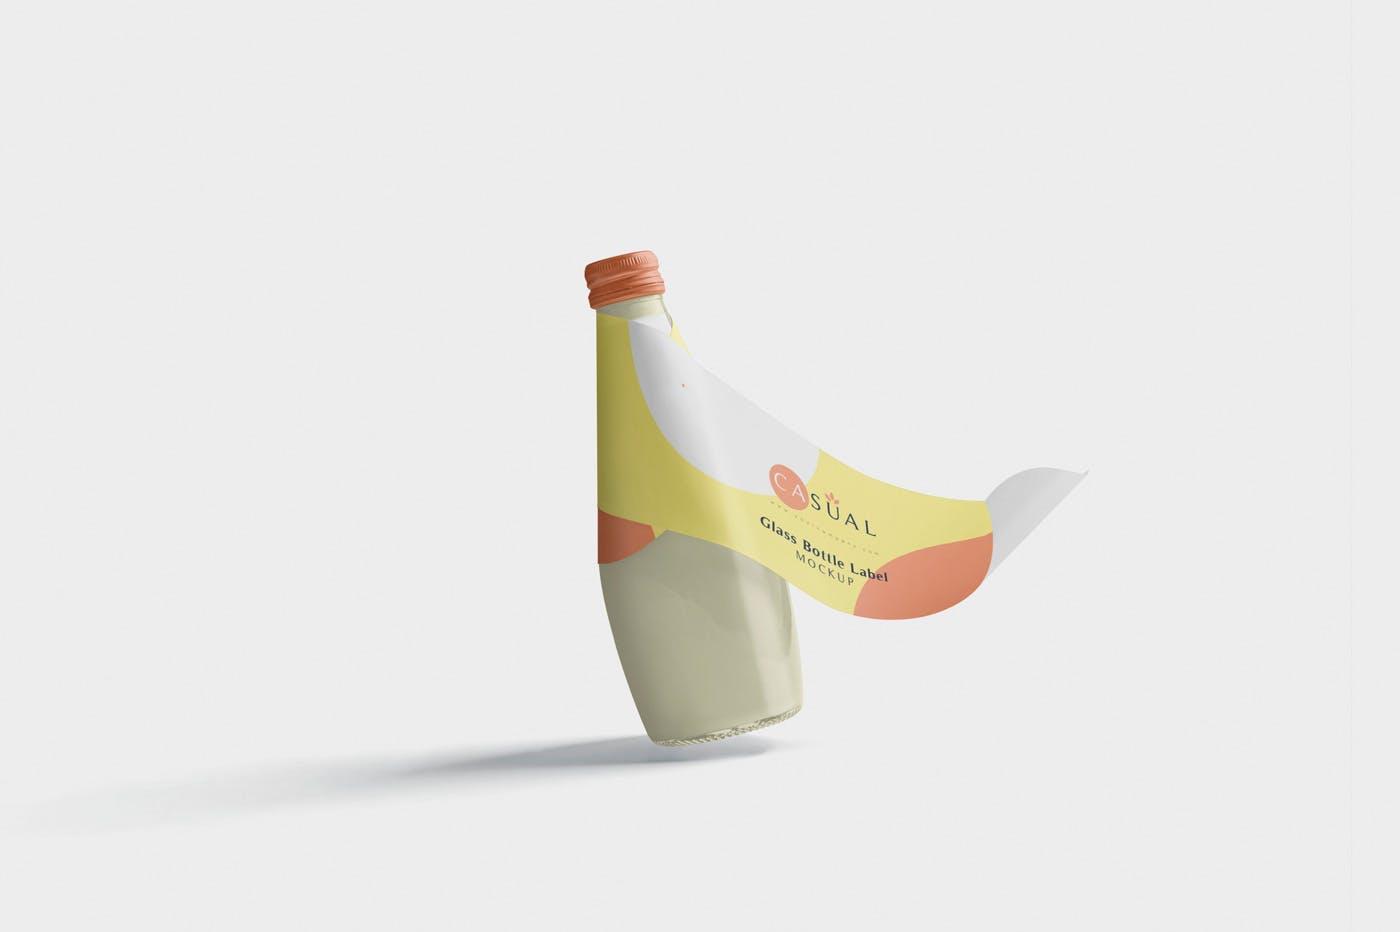 沙拉酱番茄沙司   食品包装罐样机模板展示素材Glass Bottle Label Mockups